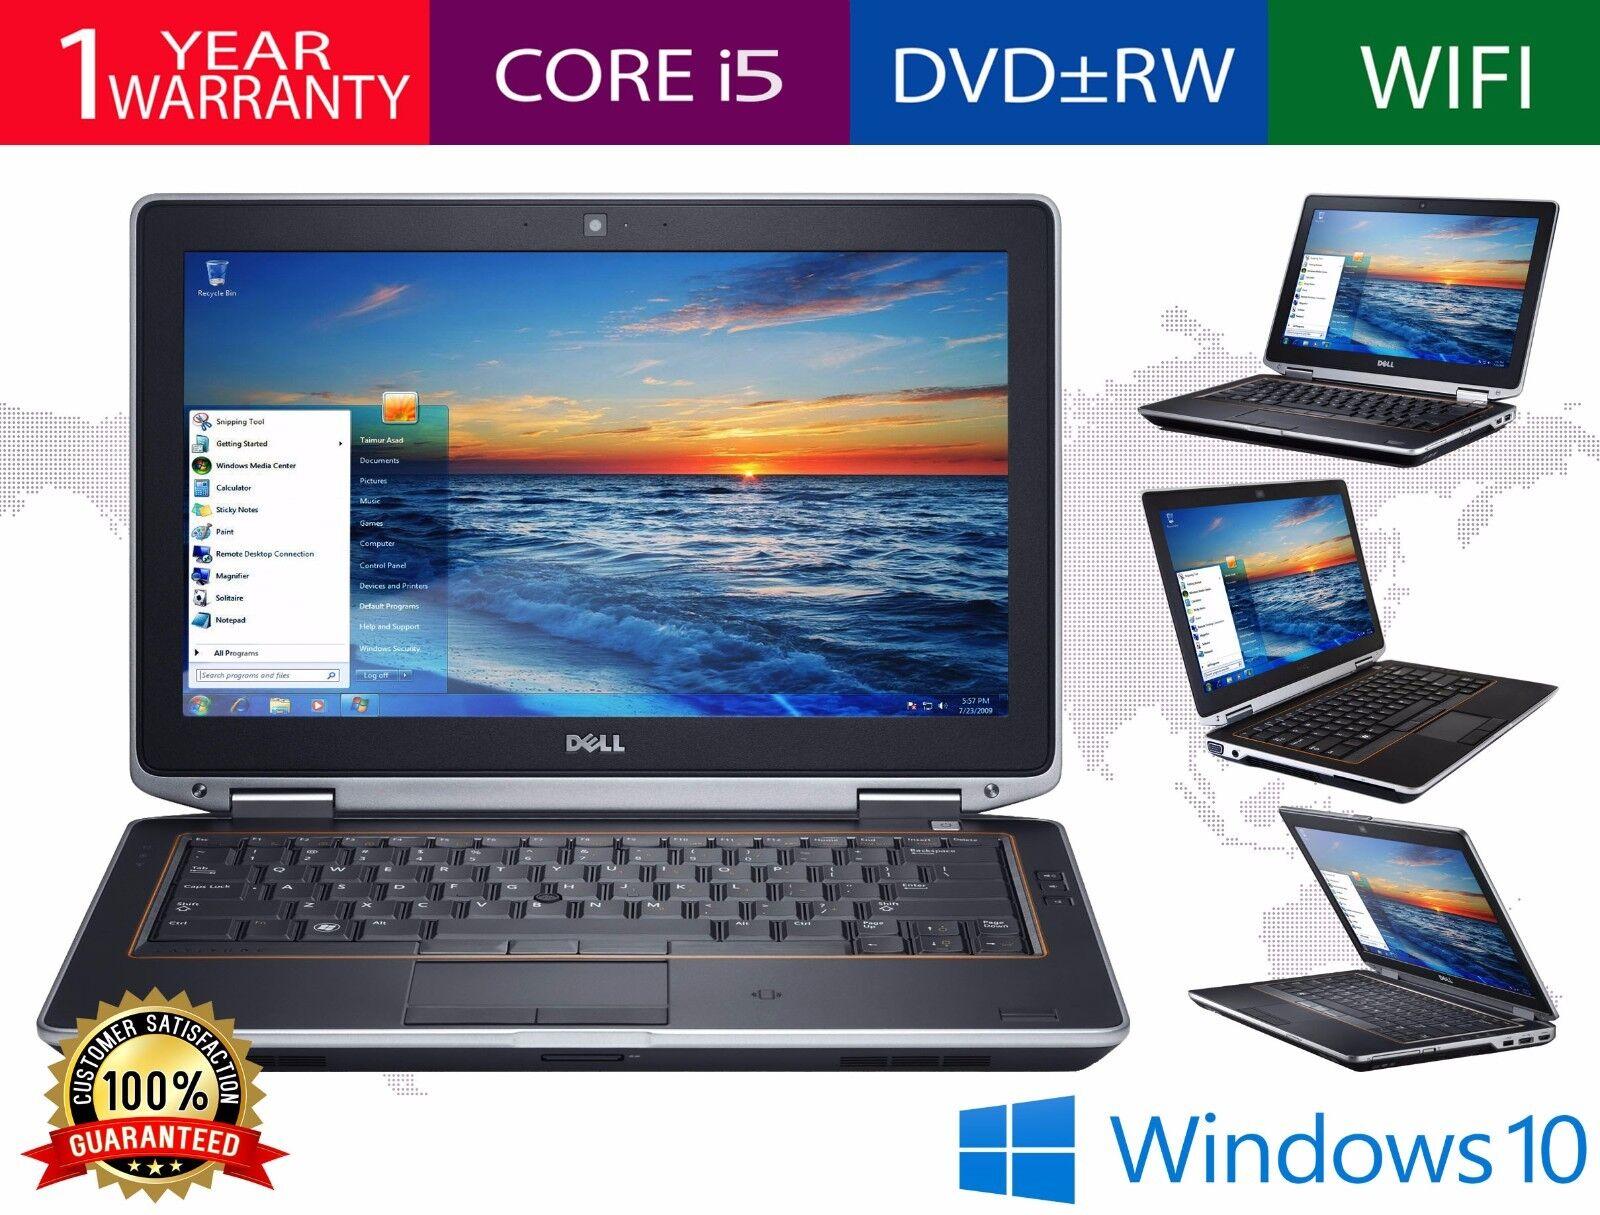 """Dell Latitude E6320 Laptop Core i5 2nd Gen 2.5GHz 128GB 4GB DVD 13.3"""" Windows 10"""